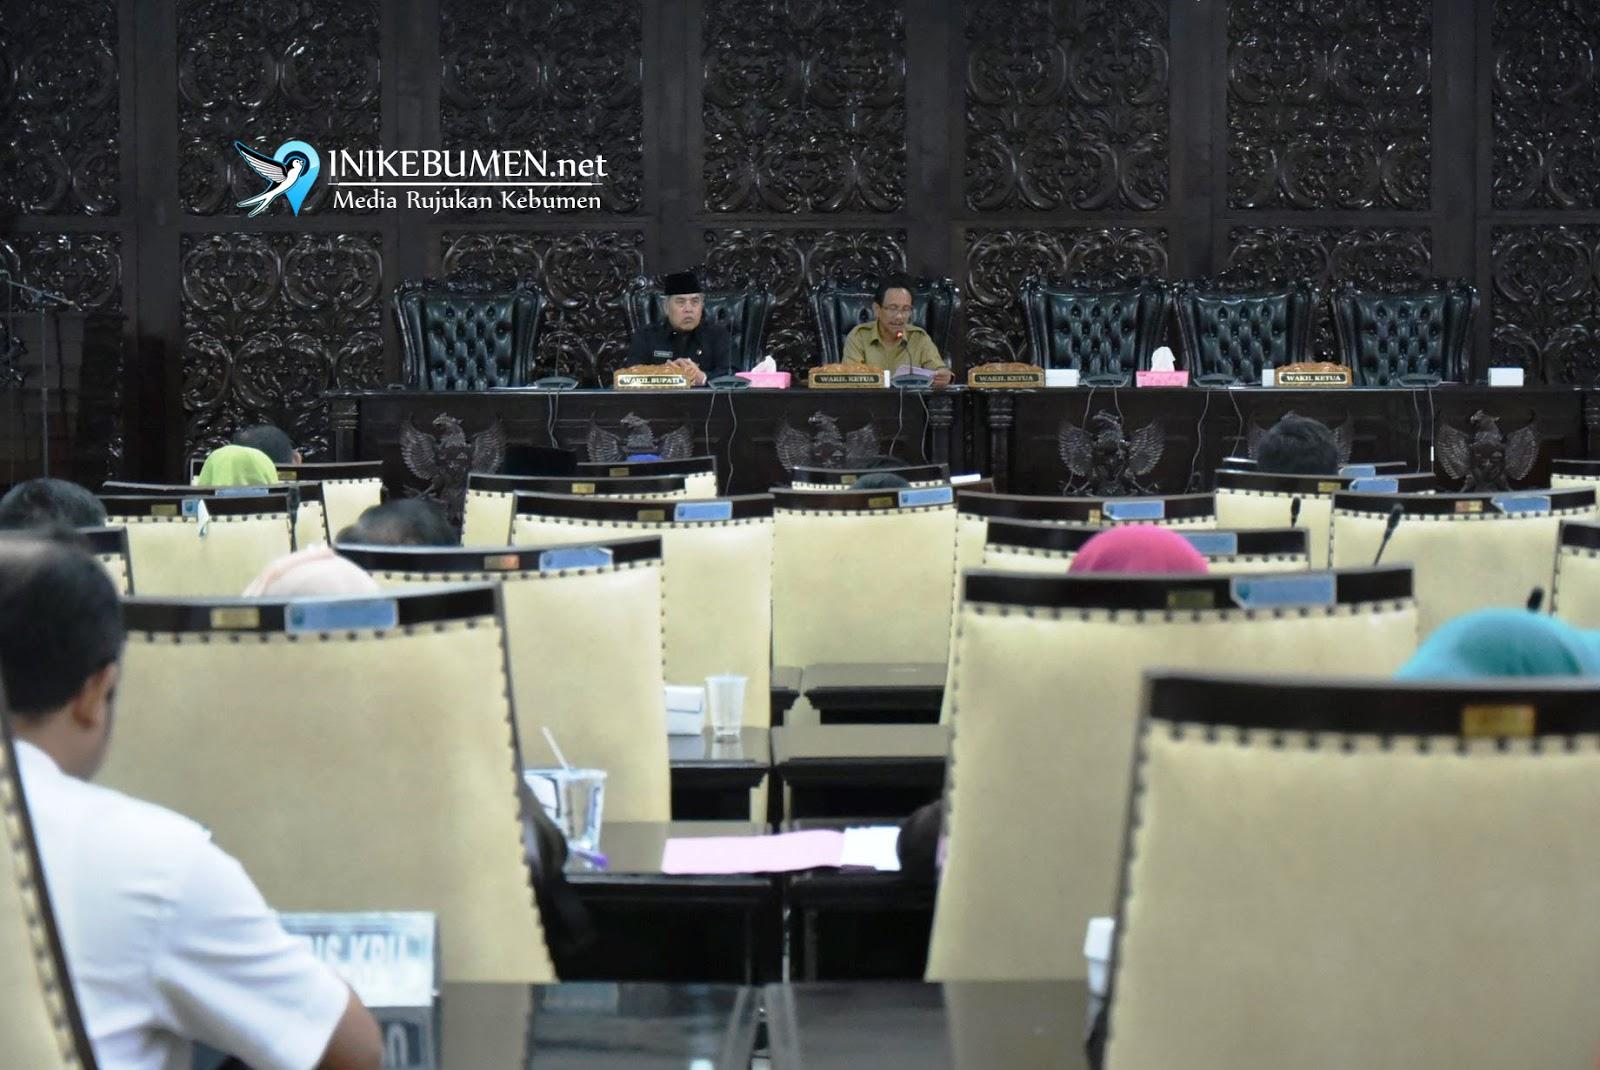 DPRD Kebumen Minta Pusat Kuliner Jalan Sutoyo Dibongkar